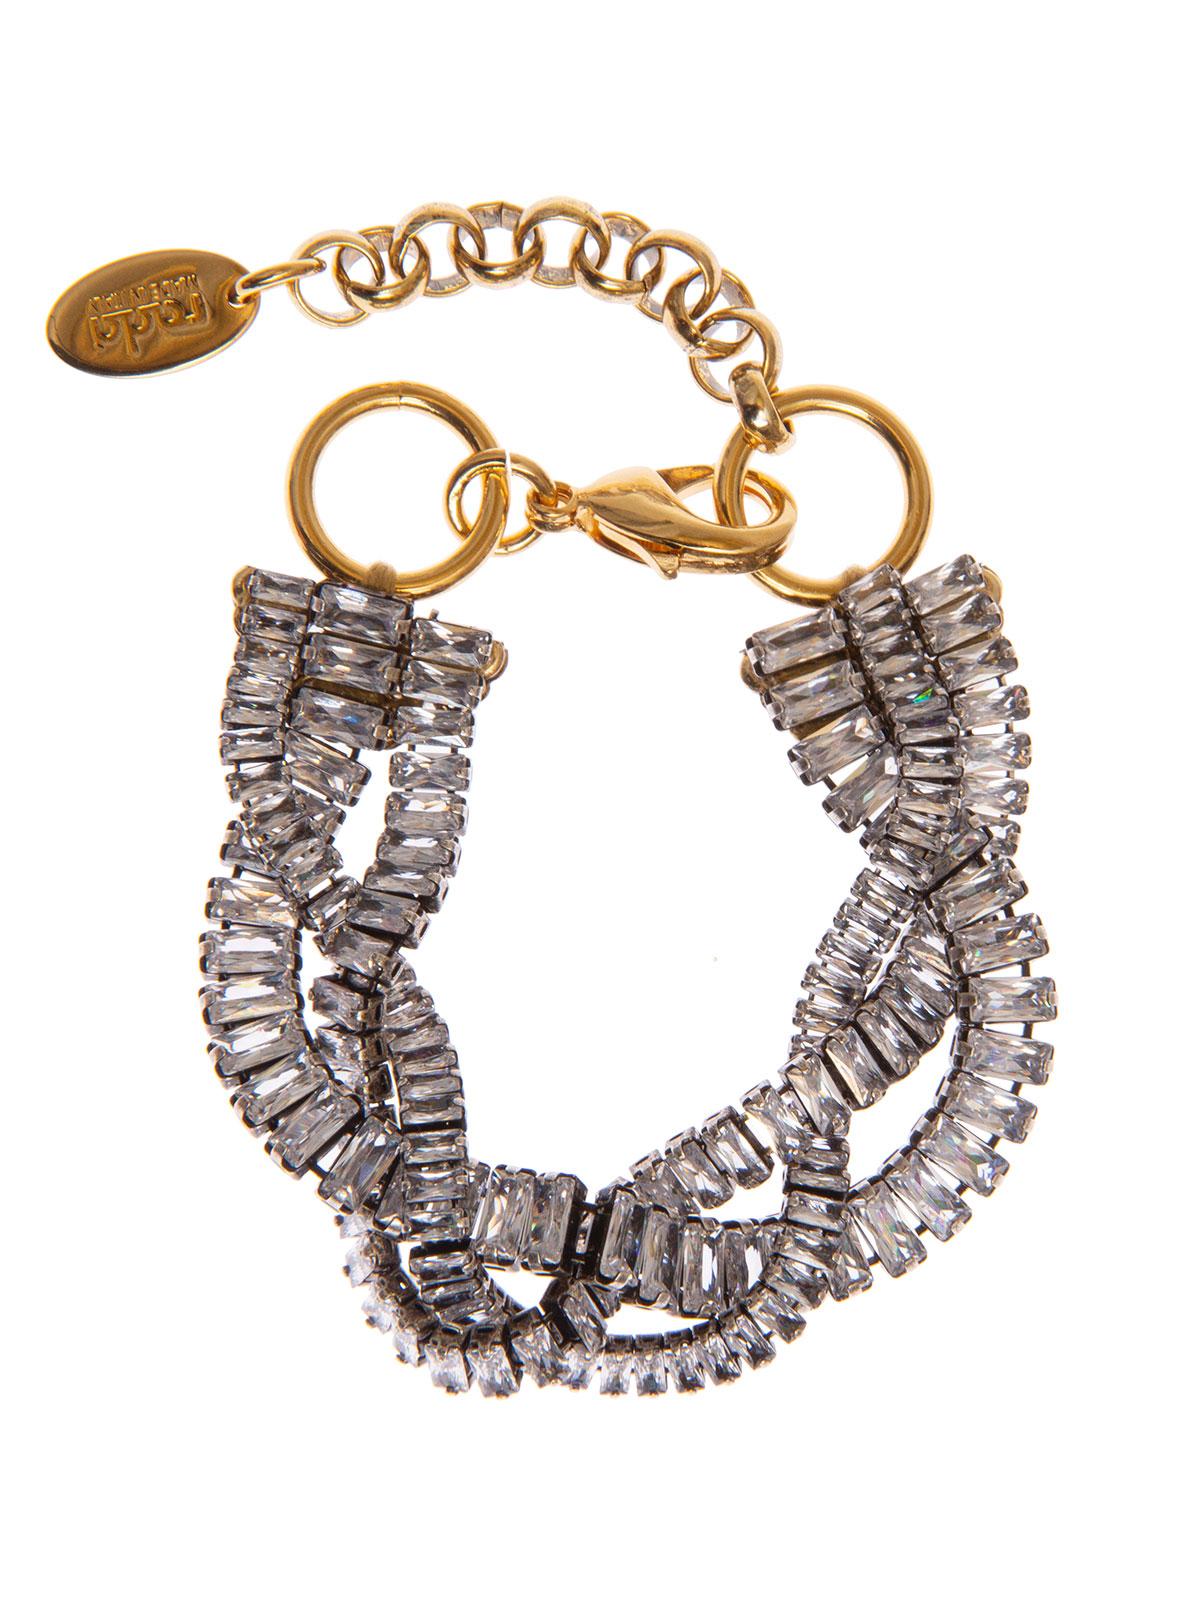 Bracciale con intreccio di baguettes cristallo e catena oro antico